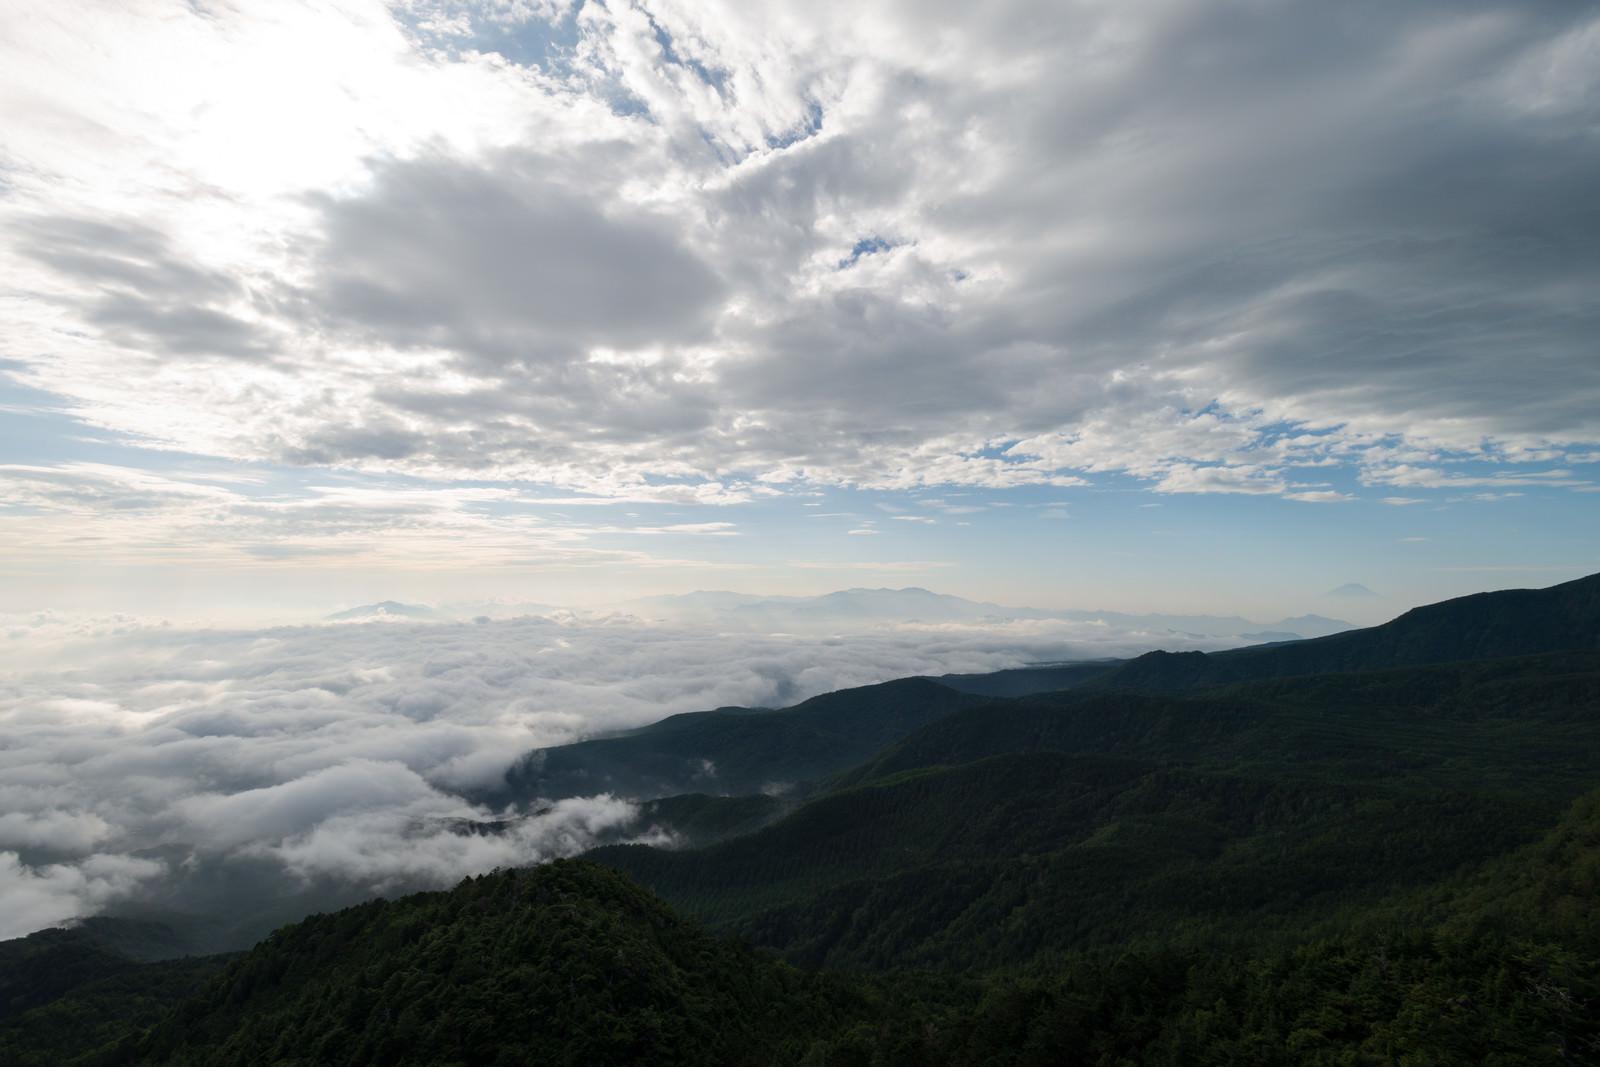 「山にかかるにゅうの雲海」の写真